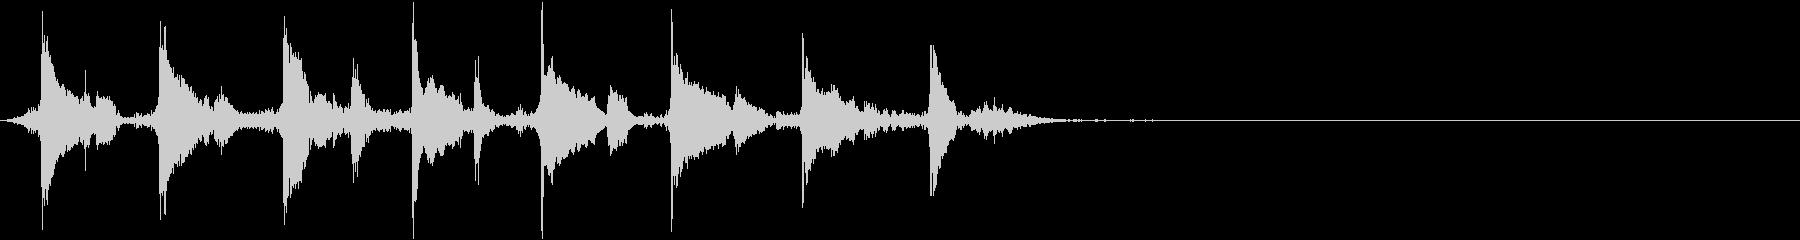 バンジョー:アセンディングトリルア...の未再生の波形